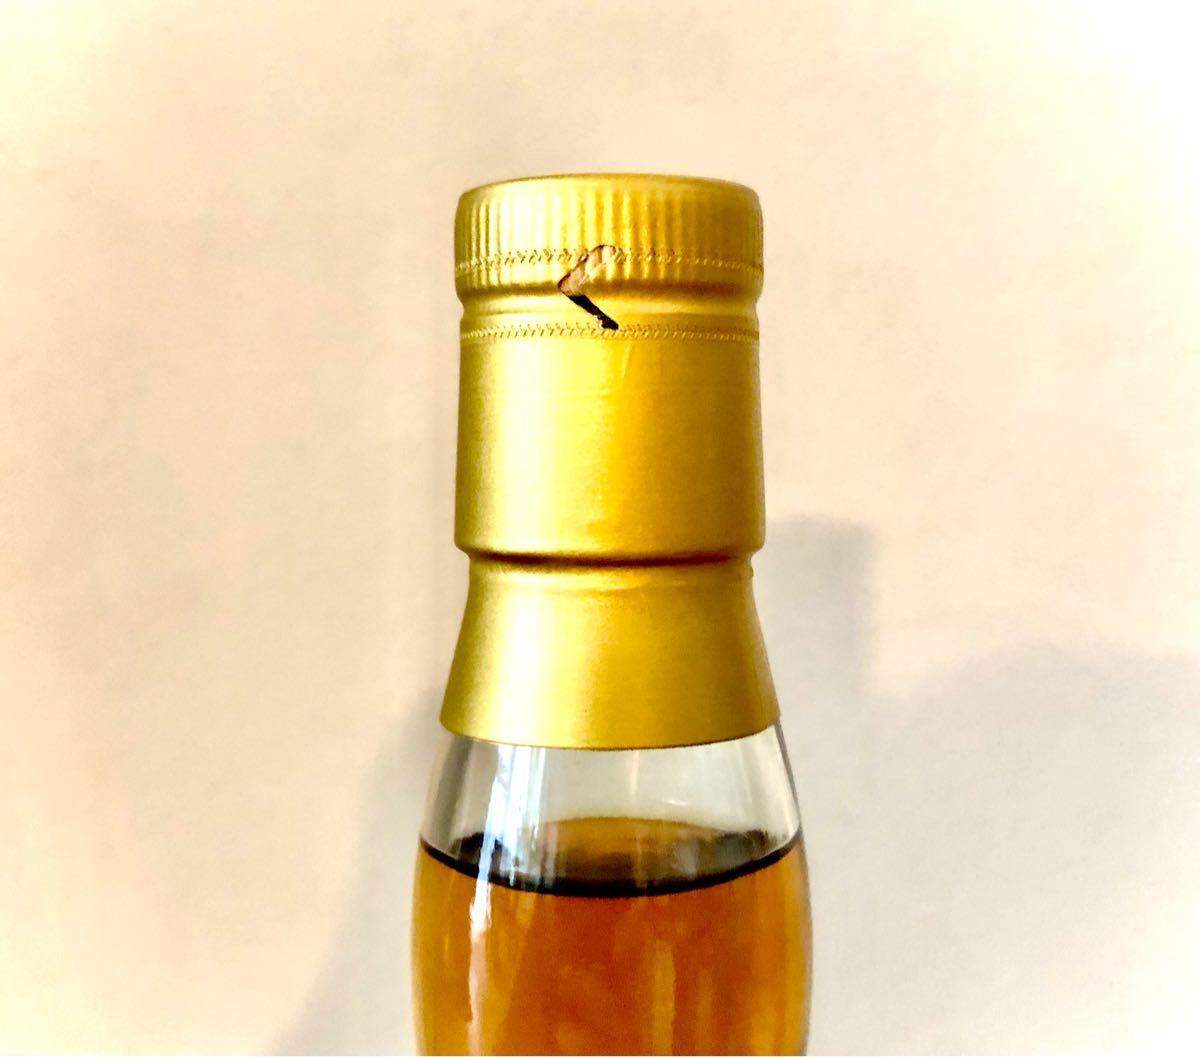 ブレンデッドスコッチ 1966 素子&公安9課 ラベル Blended Scotch 1966 攻殻機動隊 ウイスキーミュウ